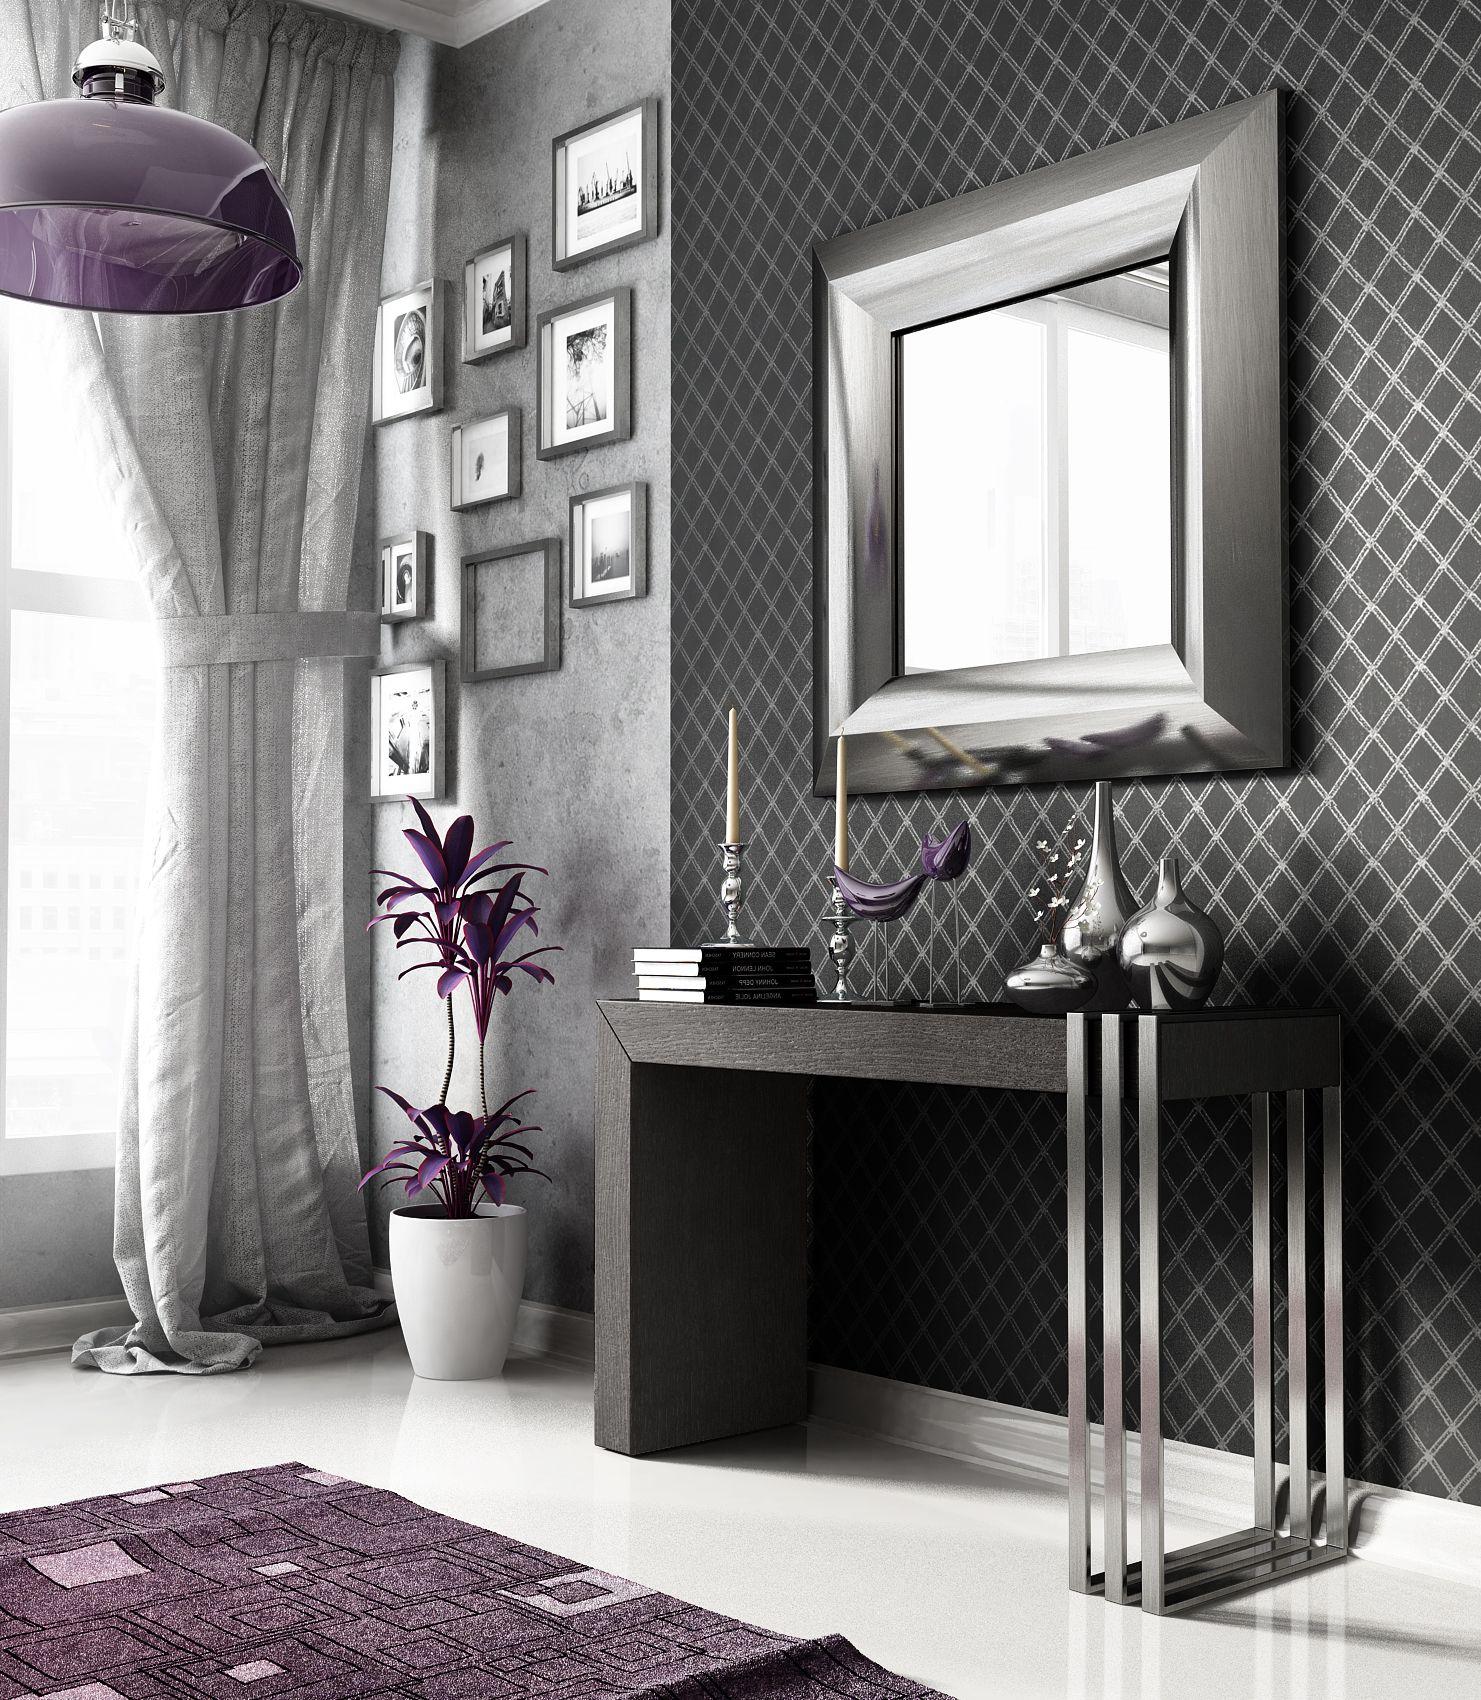 Recibidores o consolas de entrada franco furniture el toque de elegancia para dar la - Recibidores de entrada ...